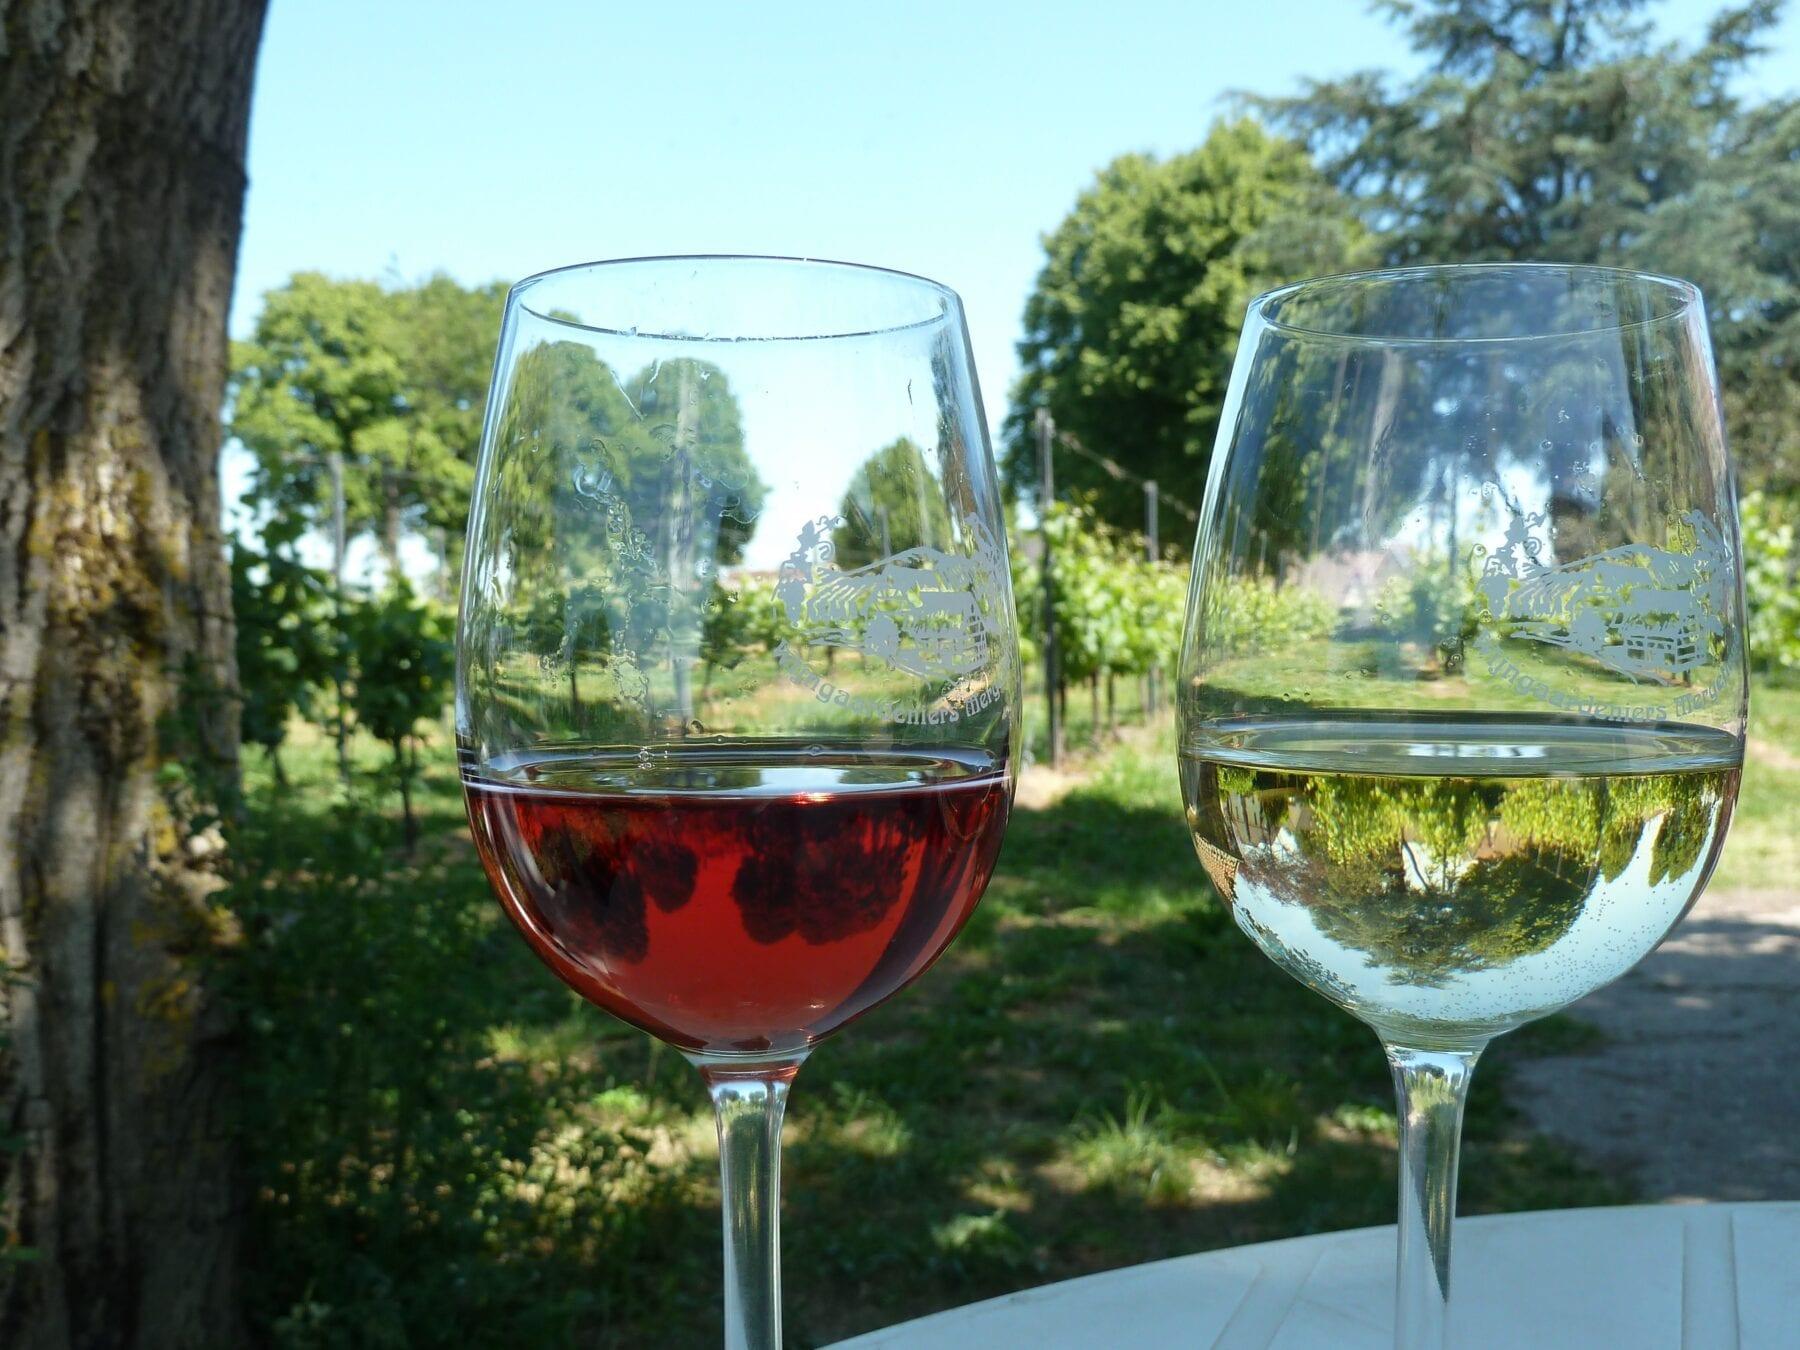 Nederlandse wijn op de Route des vins Zuid-Limburg